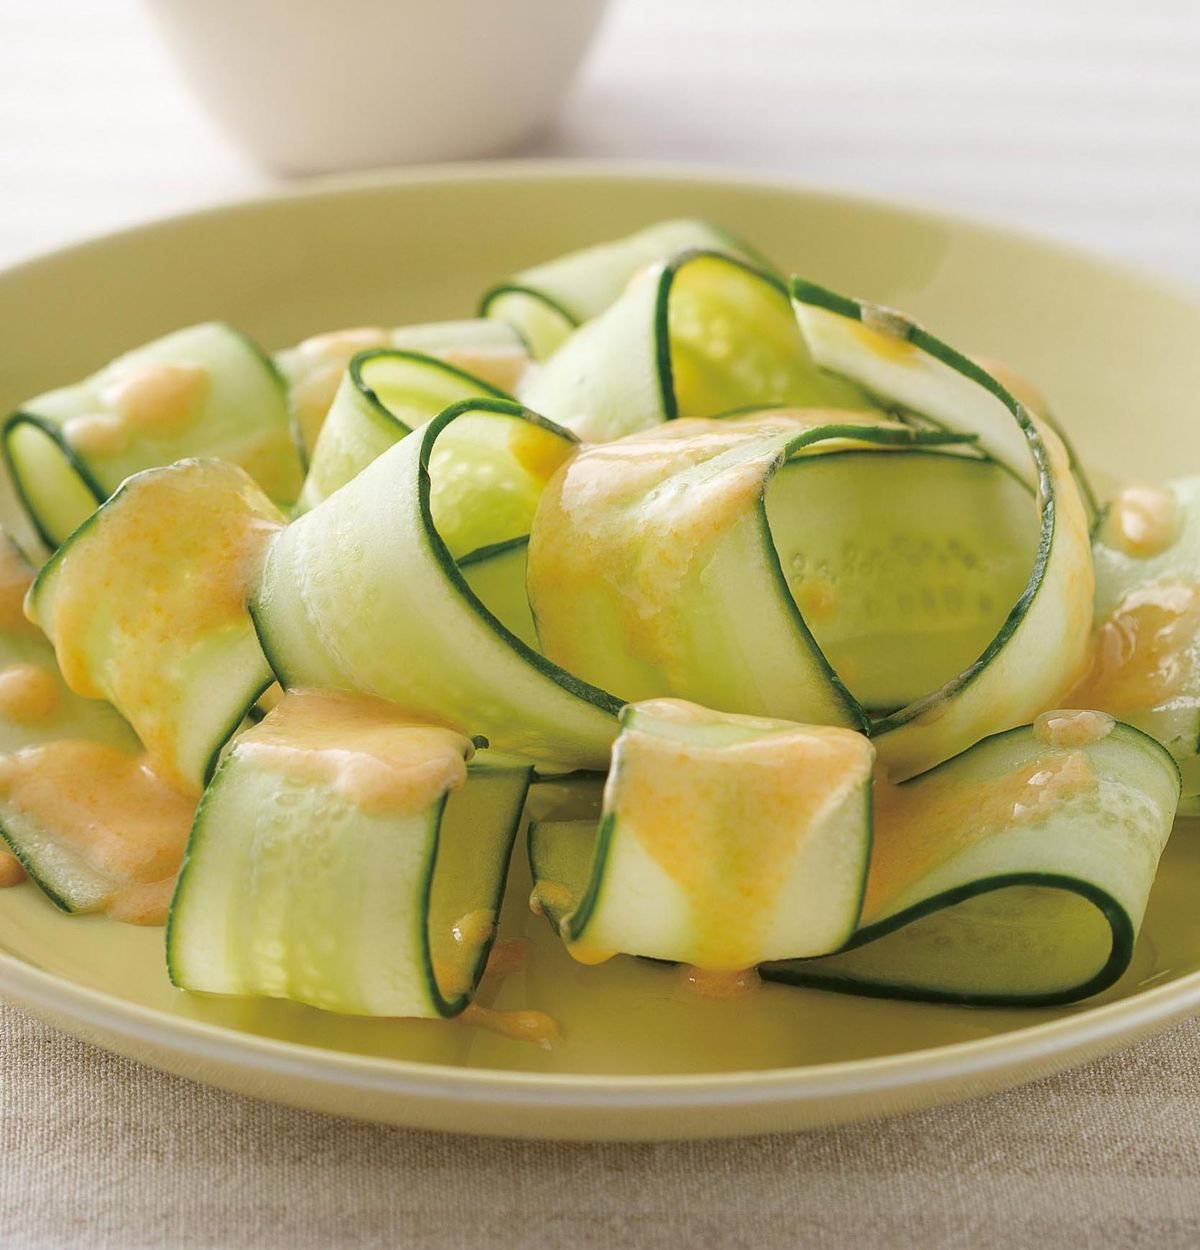 食譜:芒果優格醬小黃瓜